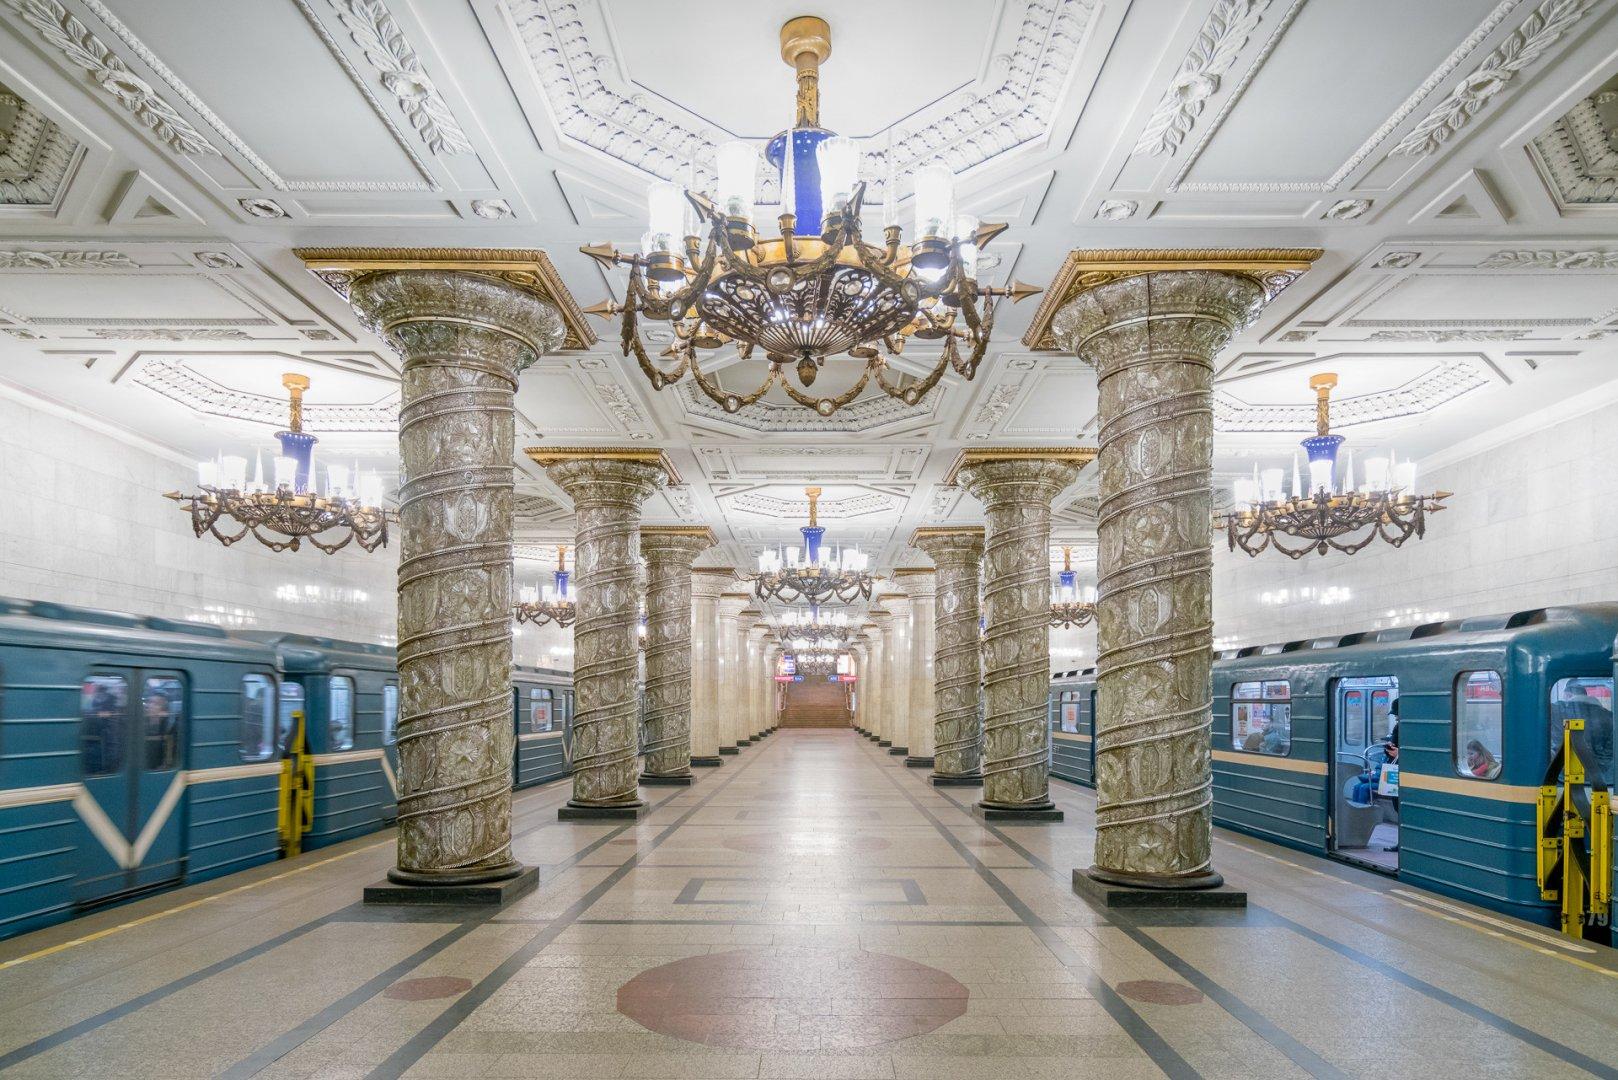 Petersburg_Avtovo20-Edit-960x641@2x.jpg